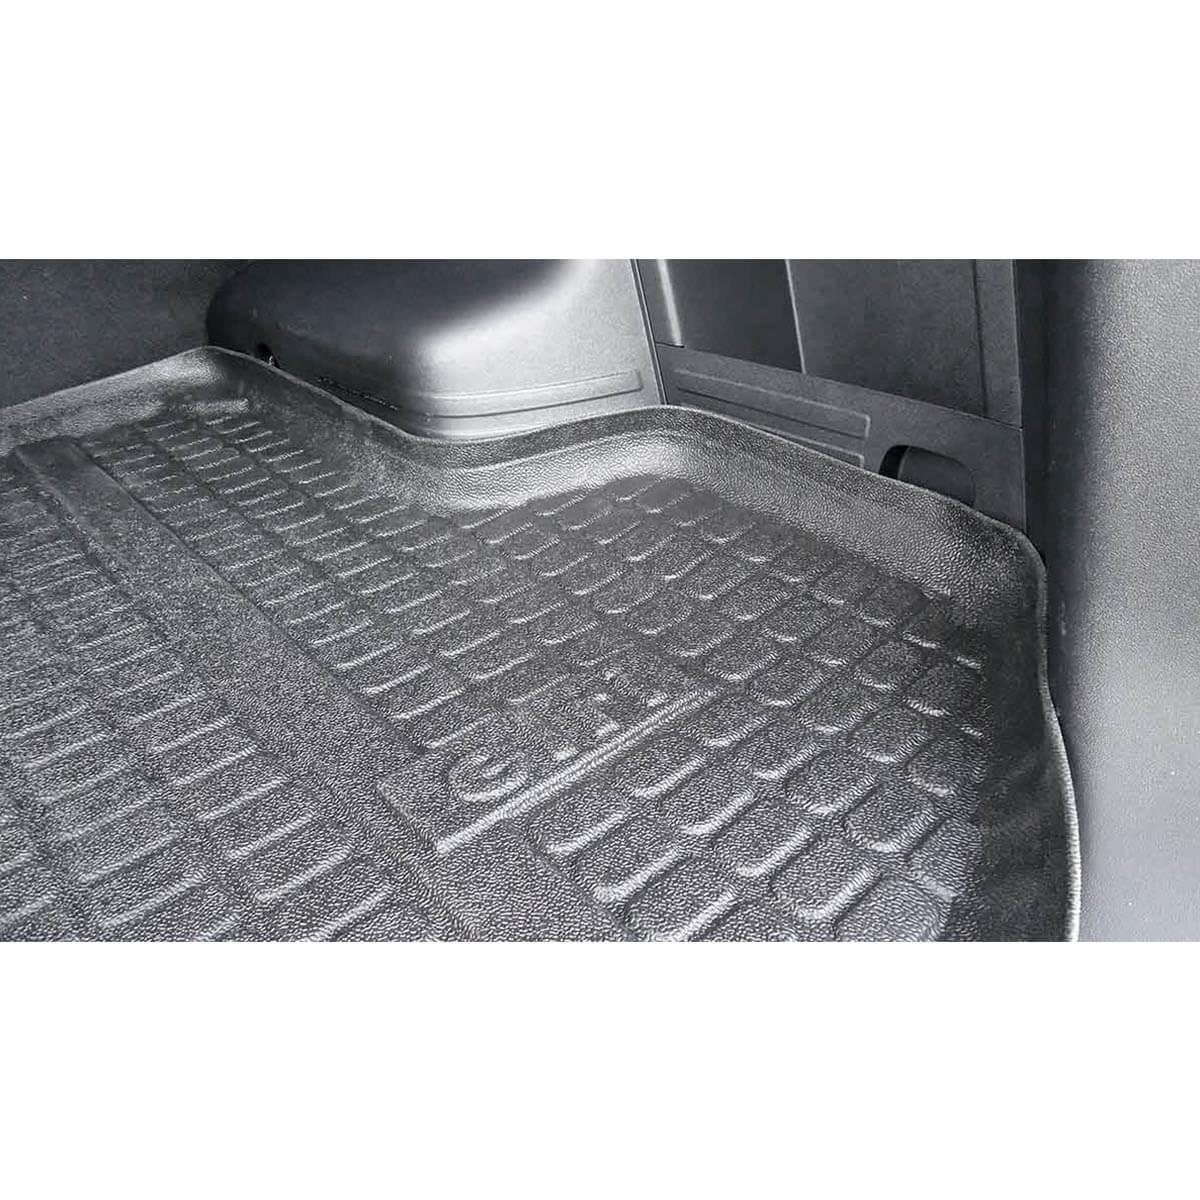 Bandeja tapete porta malas SW4 2005 a 2015